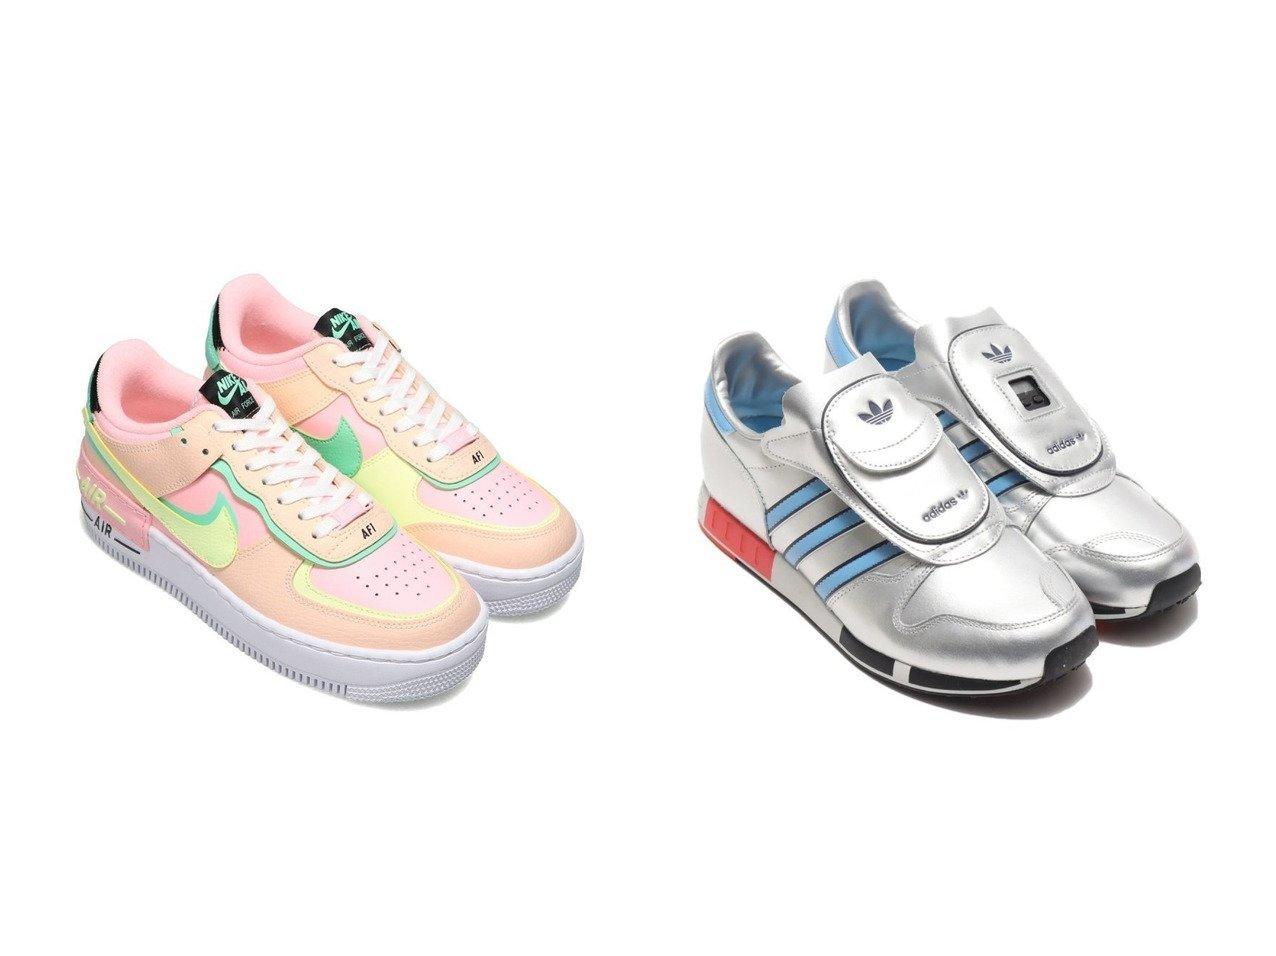 【adidas/アディダス】のadidas MICROPACER&【NIKE/ナイキ】のNIKE W AF1 SHADOW 【シューズ・靴】おすすめ!人気、トレンド・レディースファッションの通販  おすすめで人気の流行・トレンド、ファッションの通販商品 メンズファッション・キッズファッション・インテリア・家具・レディースファッション・服の通販 founy(ファニー) https://founy.com/ ファッション Fashion レディースファッション WOMEN NEW・新作・新着・新入荷 New Arrivals クラシック シューズ スニーカー スリッポン |ID:crp329100000034626